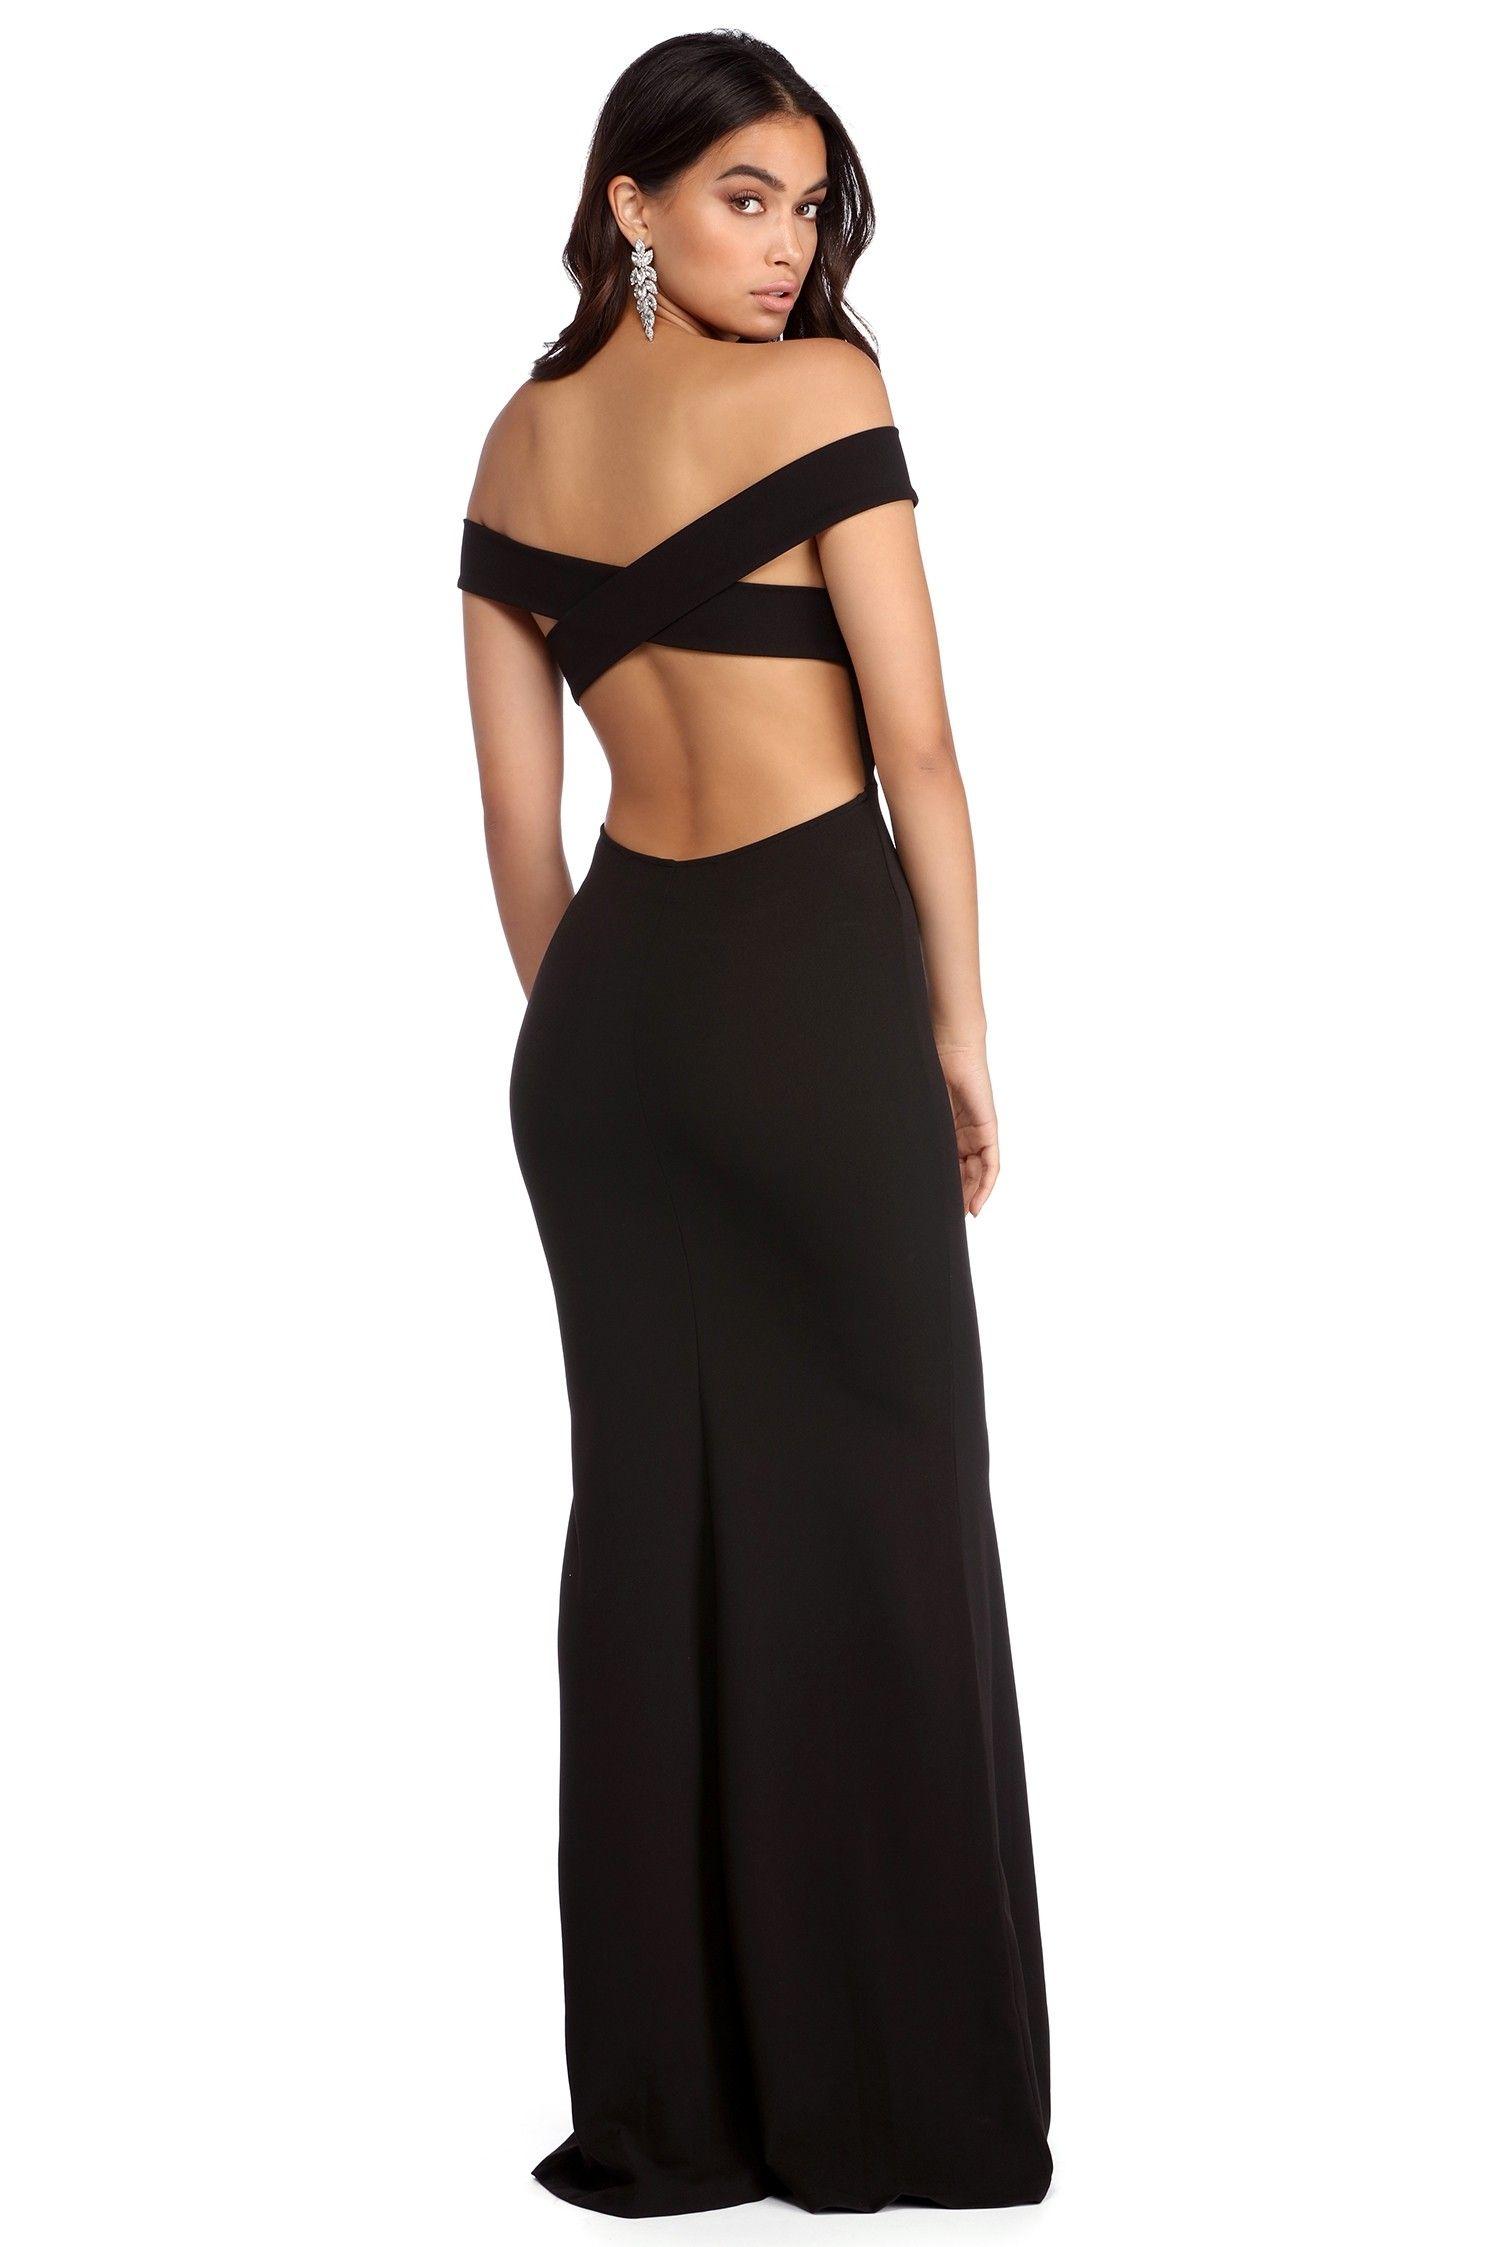 f6b4fb72722 FINAL SALE -Jocelyn Off The Shoulder Dress in 2019